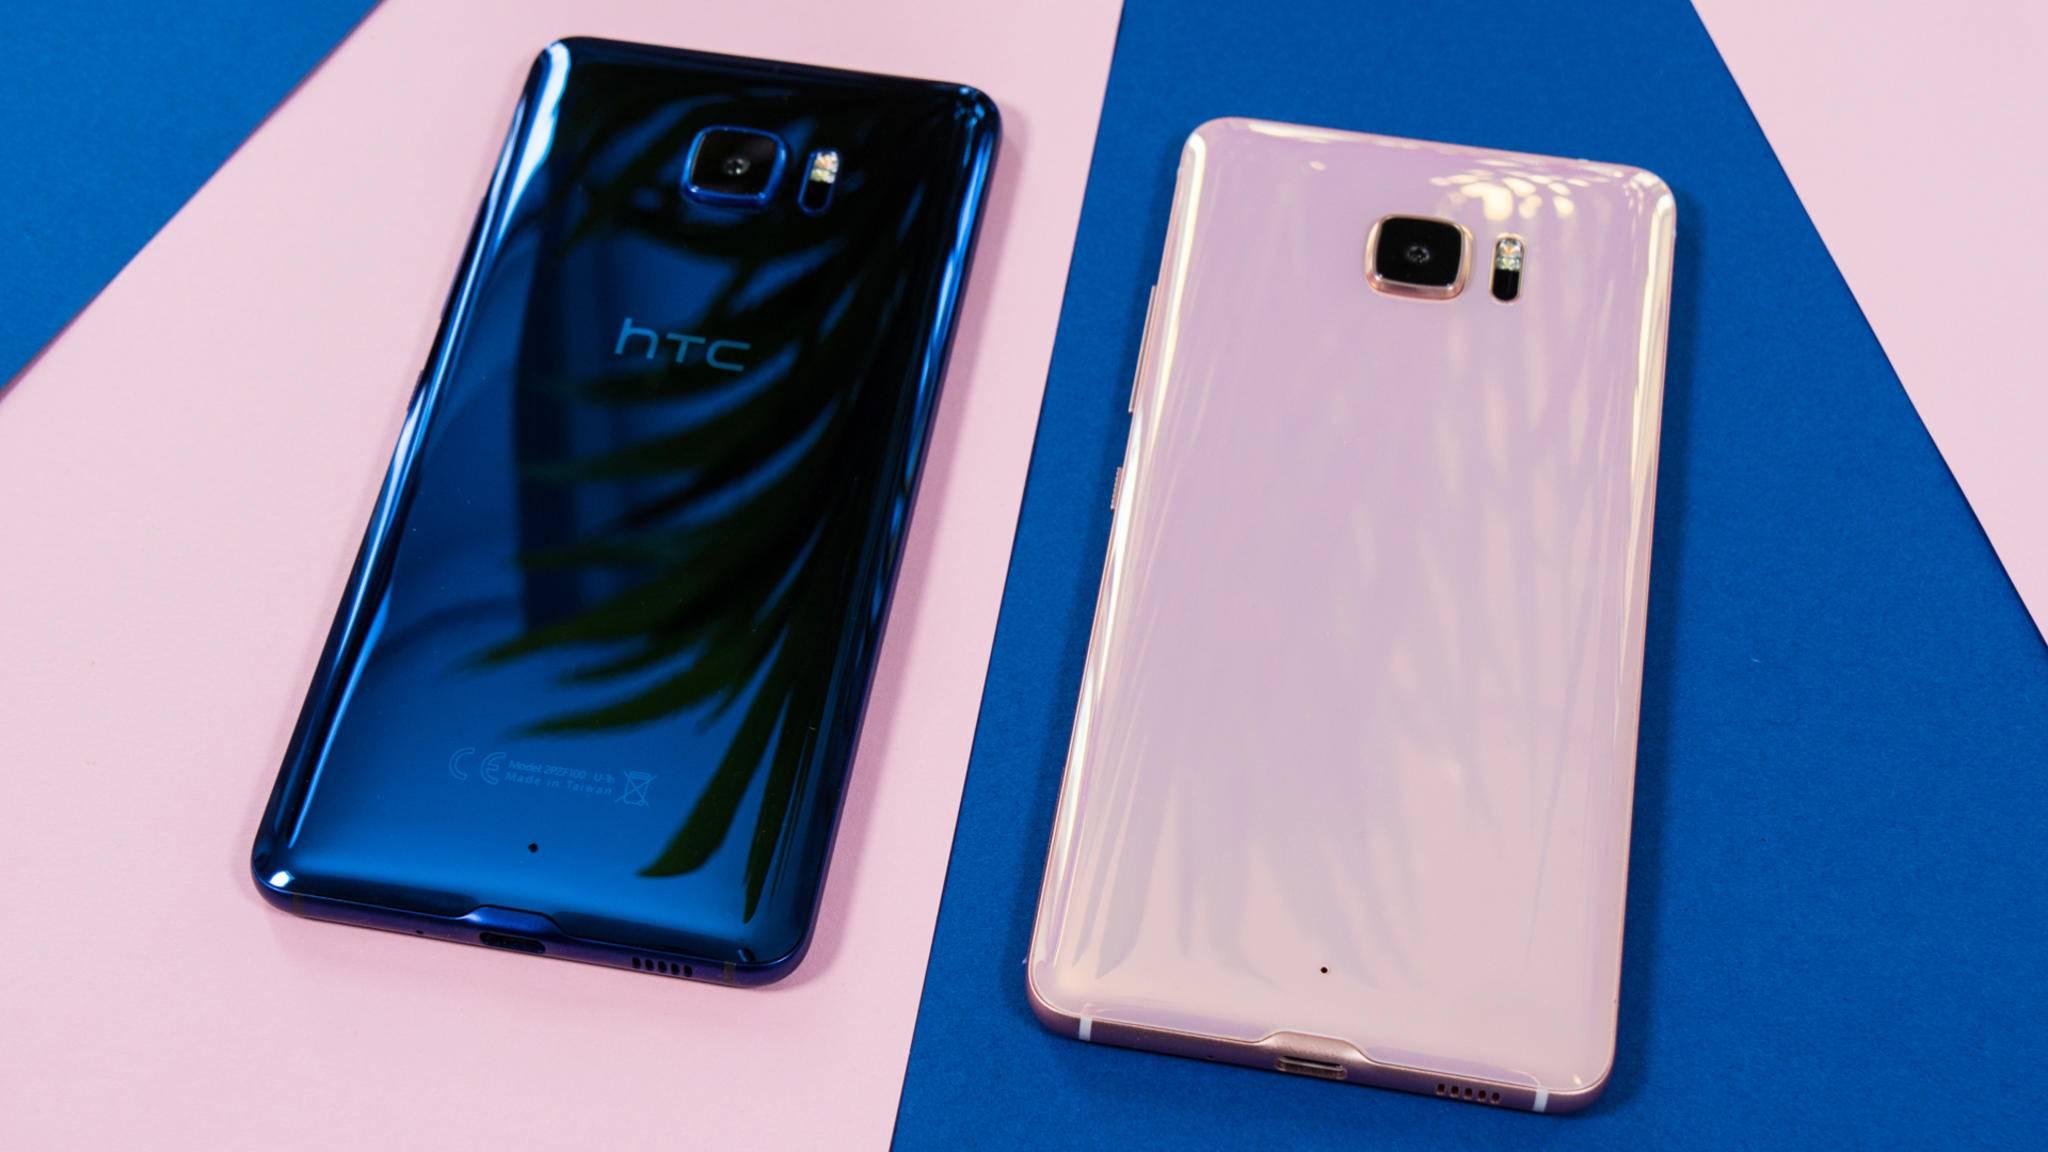 Das HTC U Ultra ist das aktuelle Flaggschiff der Taiwanesen.